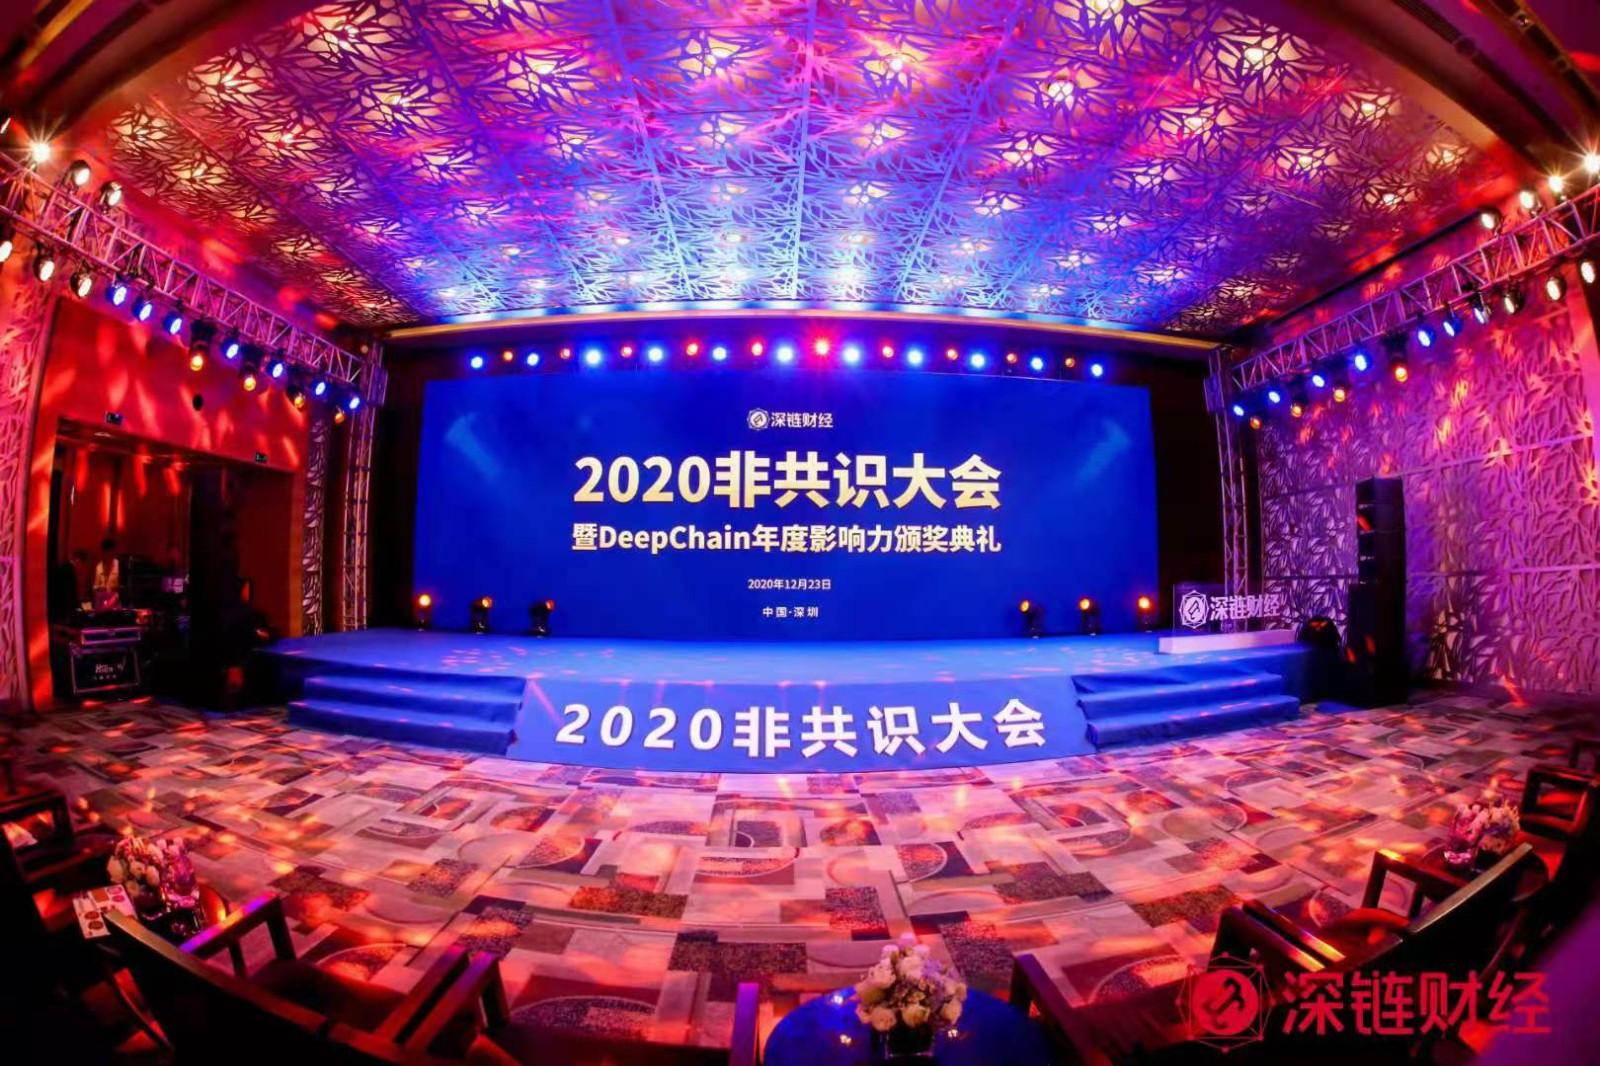 """""""2020非共识大会暨DeepChain年度影响力颁奖典礼""""圆满落幕"""